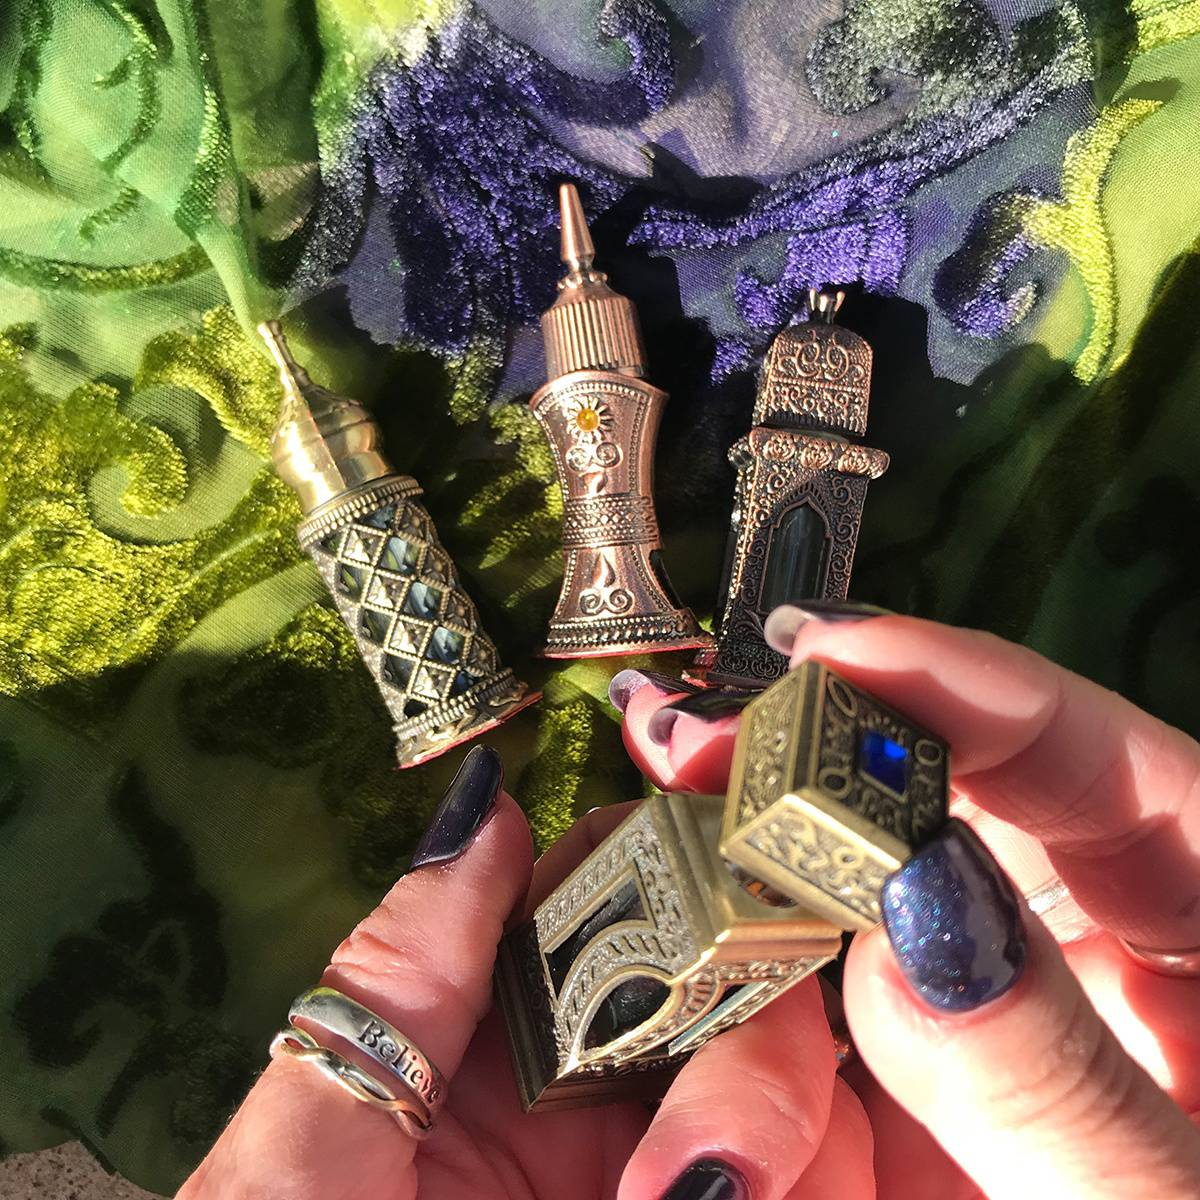 Egyptian Perfume Bottles 1_30